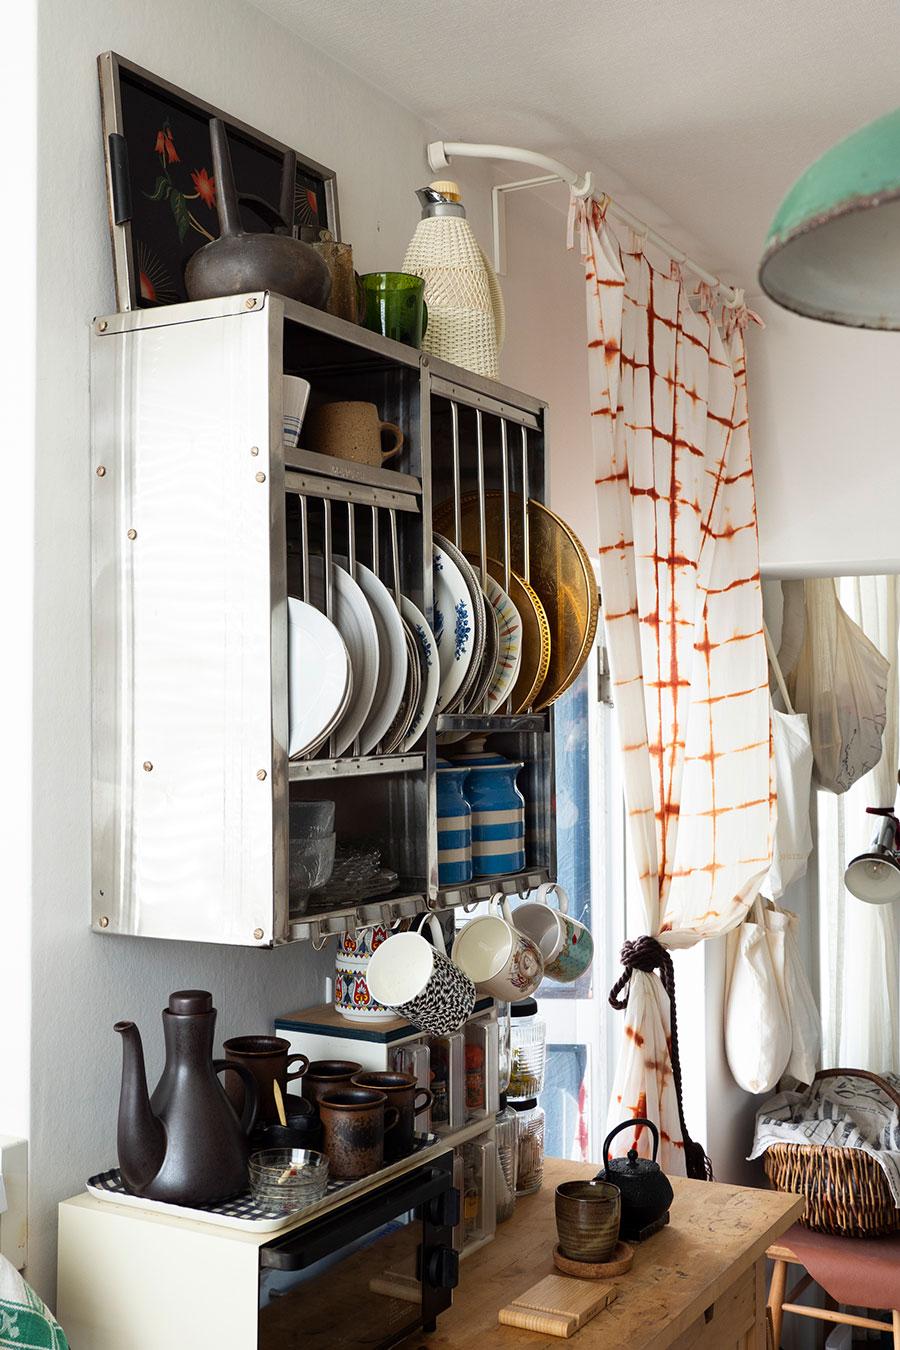 インドで使われているアルミ製のキッチンラックを使用。Tsé&Tsé associéesのインディアンキッチンラックのオリジナル。